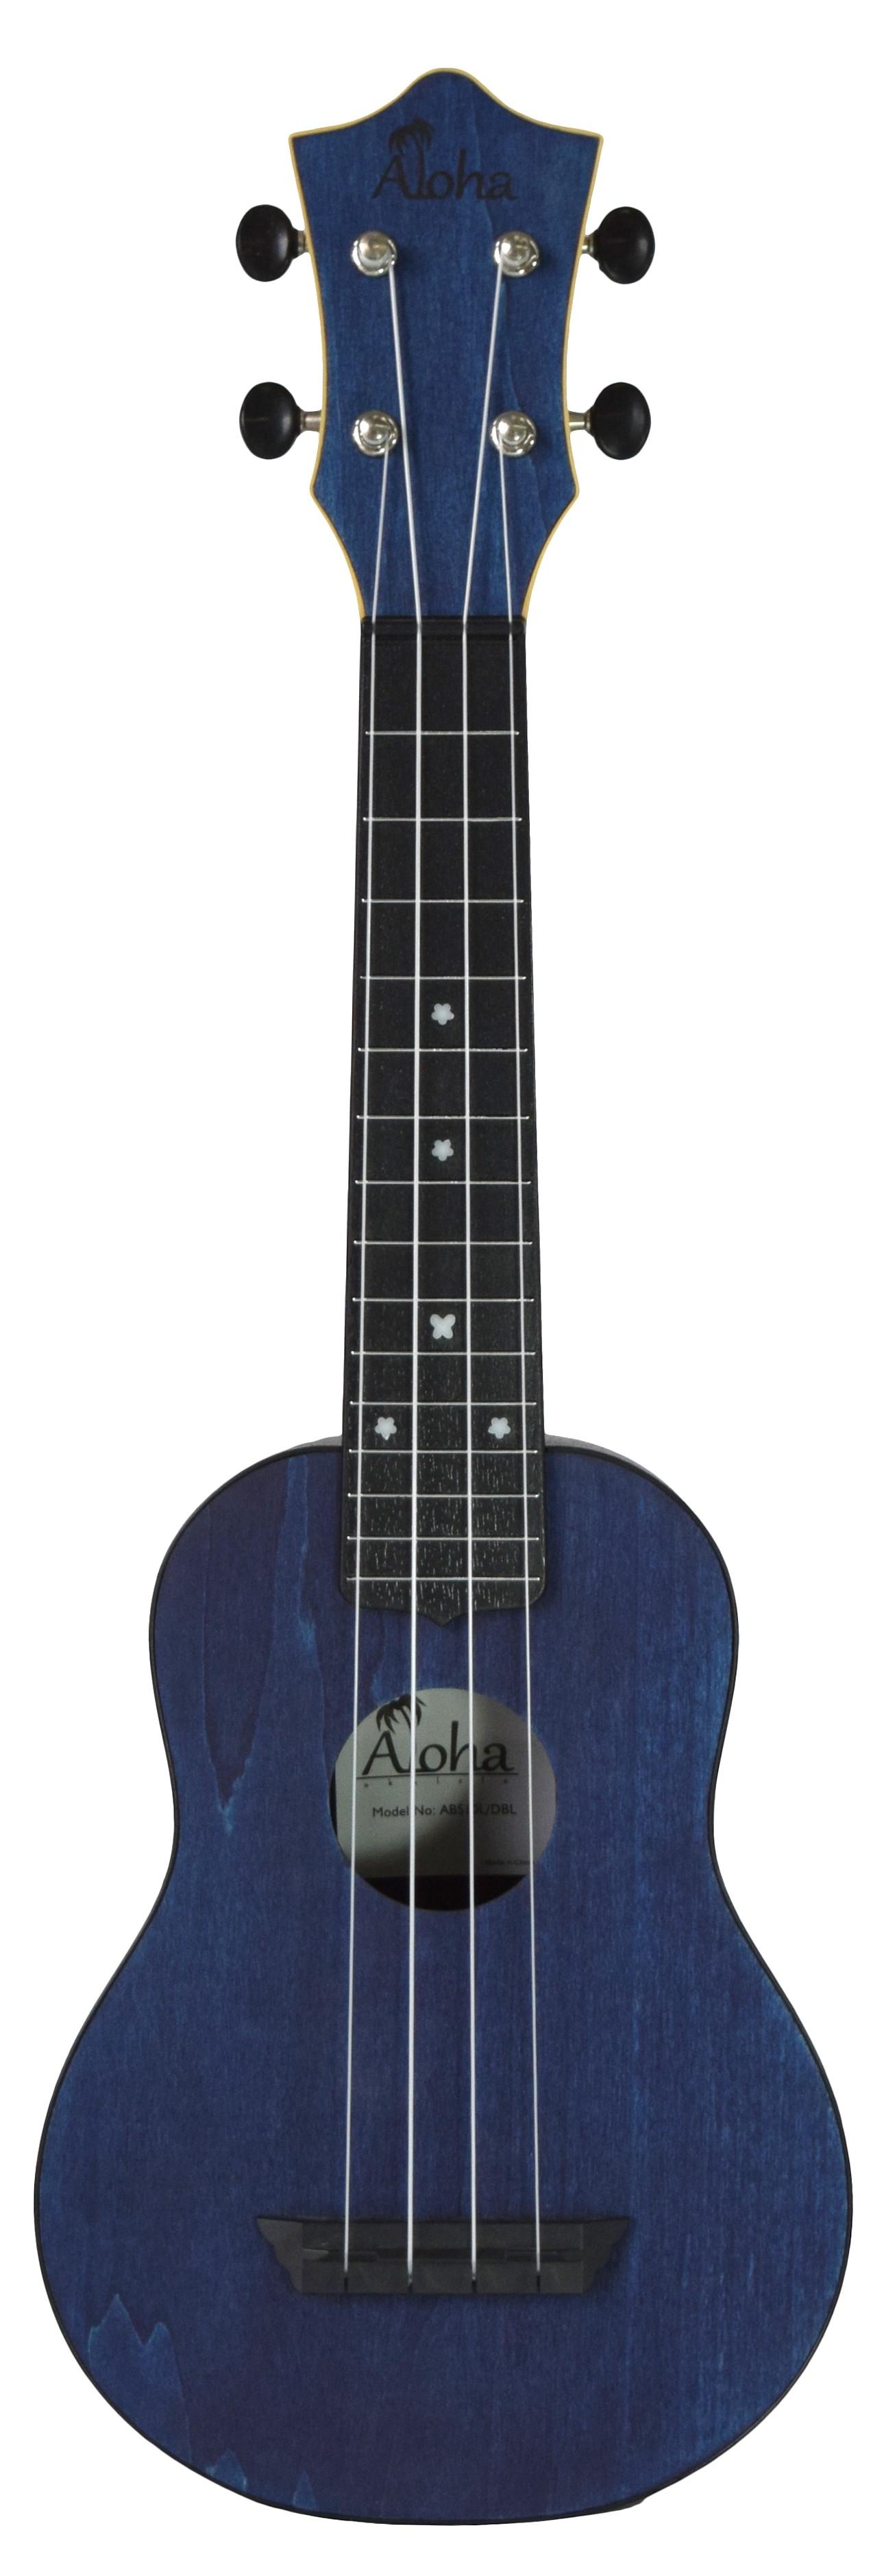 ALOHA ABS10 ROUNDBACK SOPRANO UKULELE - DARK BLUE